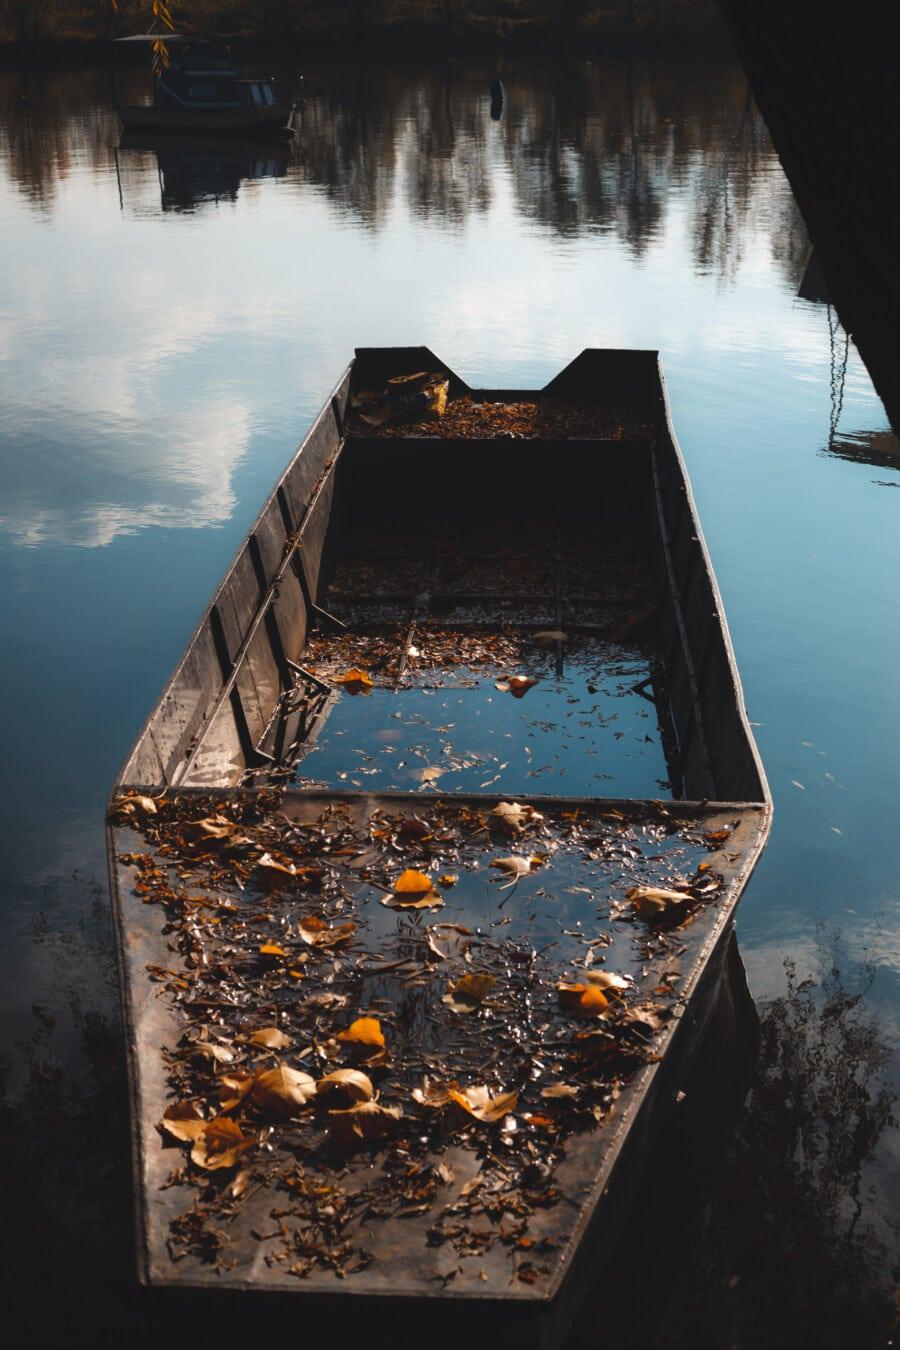 Flussschiff, Boot, Verfall, verlassen, Herbstsaison, Wasser, gelbe Blätter, im freien, Natur, Sonnenuntergang